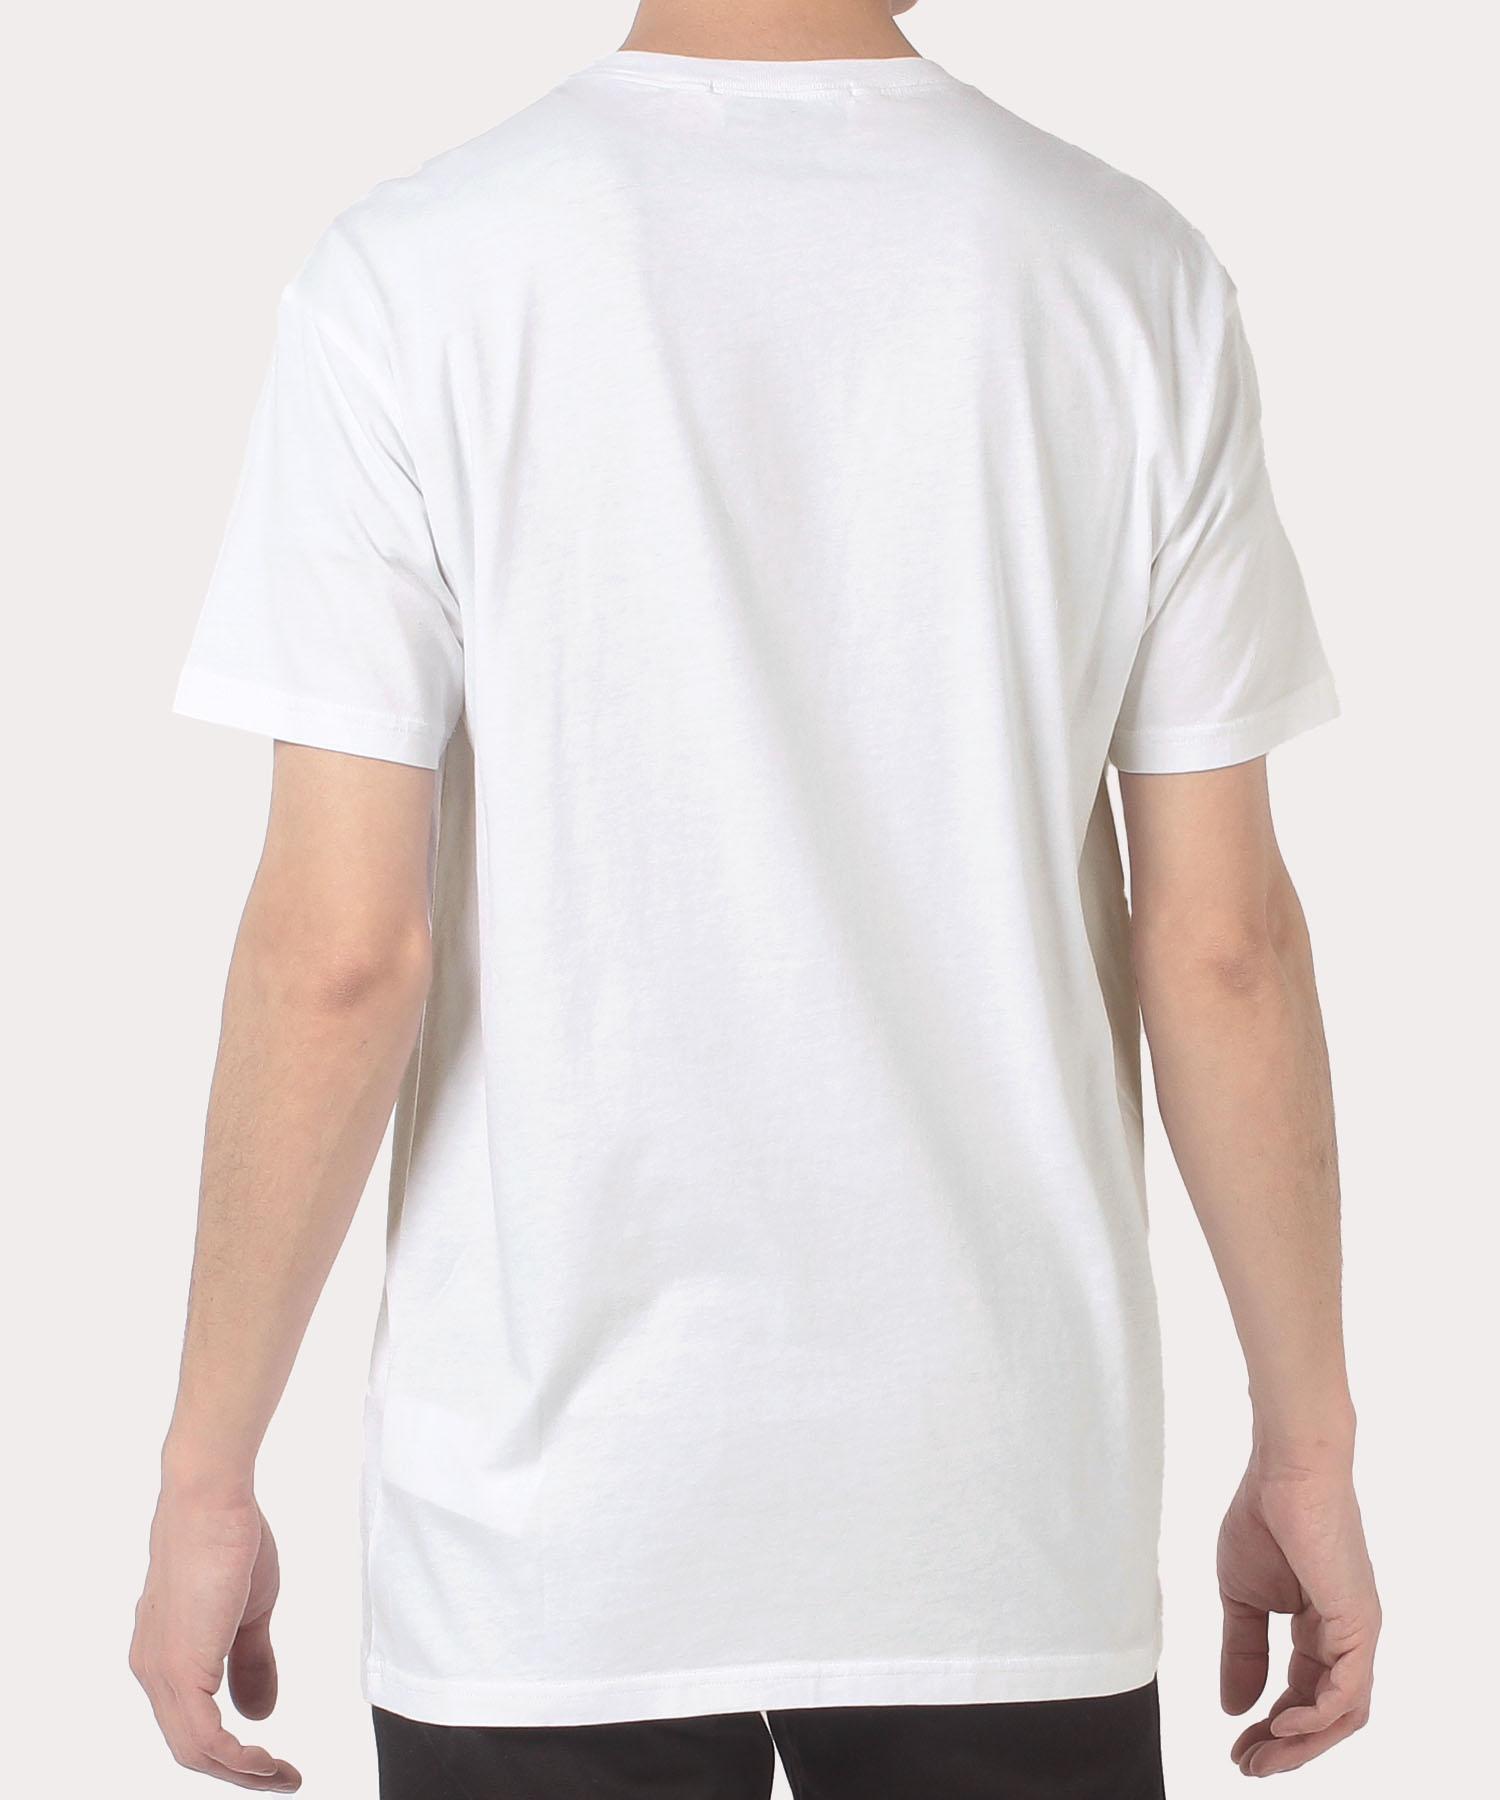 DANGEROUS ANIMAL 半袖Tシャツ